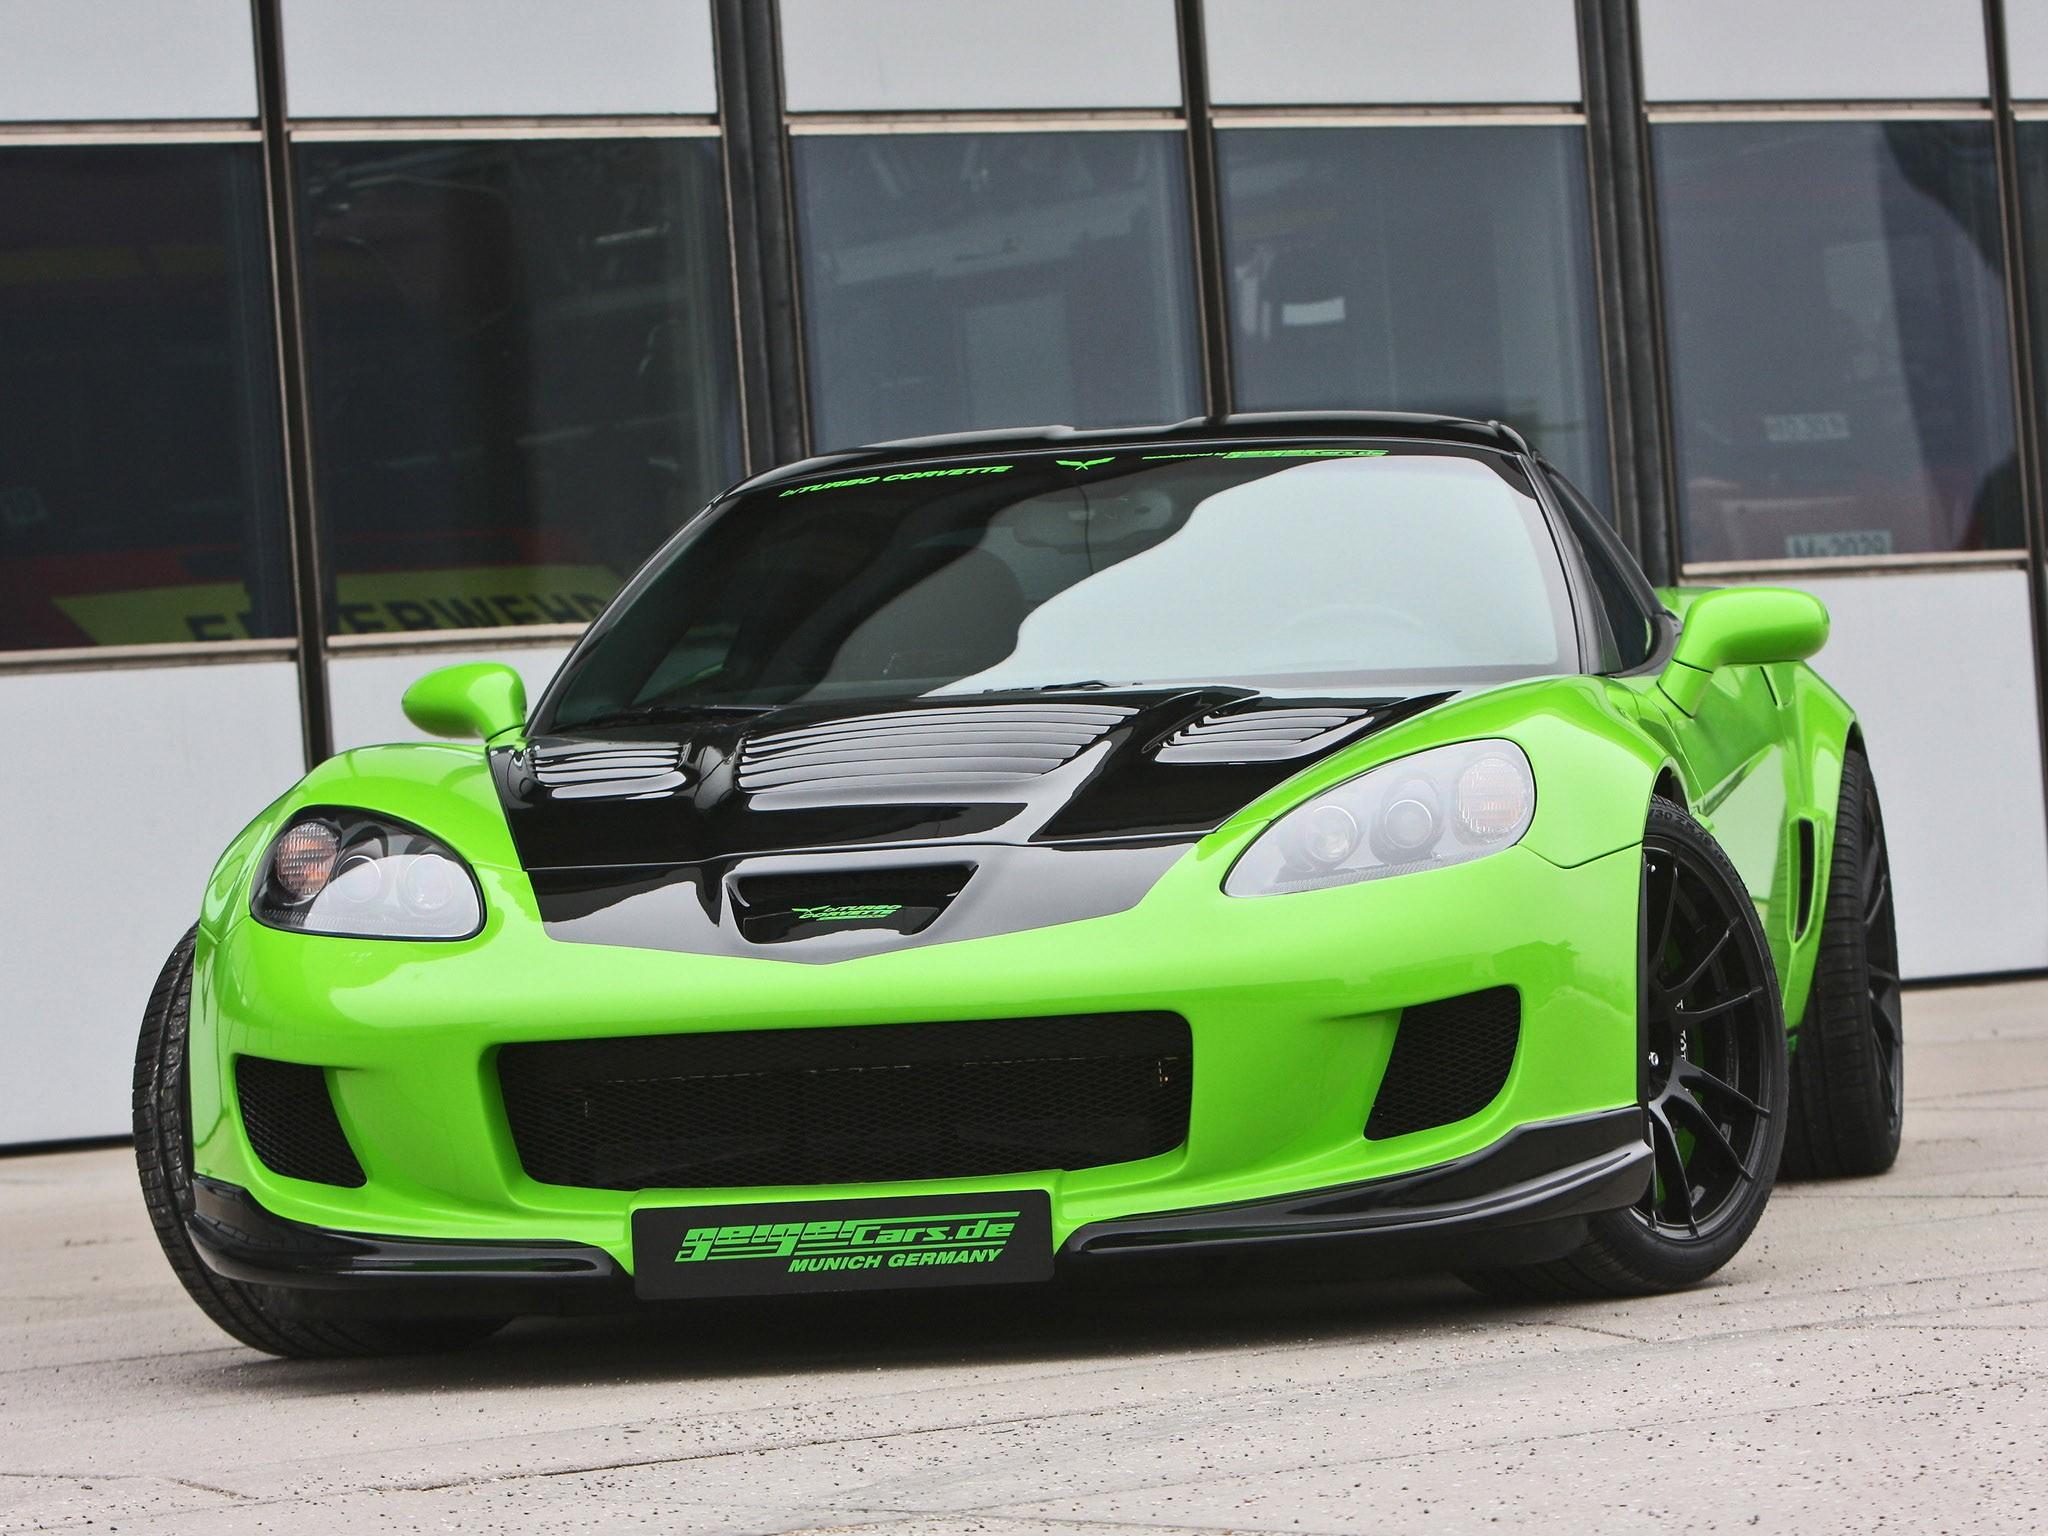 2009 Geigercars - Corvette Z06 C6